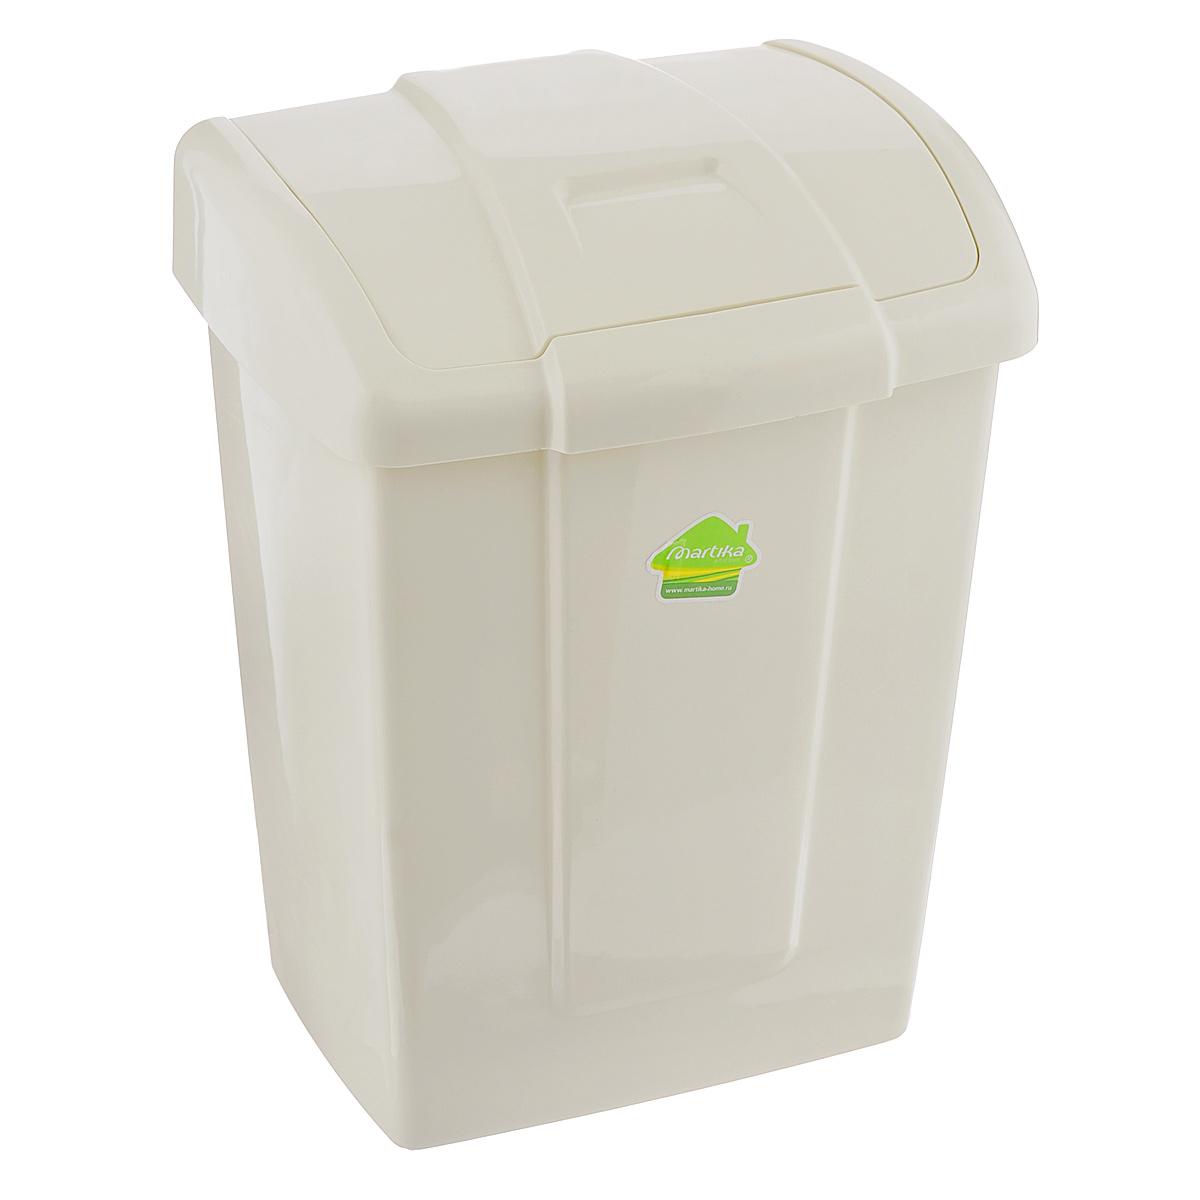 Контейнер для мусора Martika Форте, цвет: молочный, 6 л17191Мусорный контейнер Martika Форте, выполненный из прочного пластика, не боится ударов и долгих лет использования. Изделие оснащено плавающей крышкой, с помощью которой его легко использовать. Крышка плотно прилегает, предотвращая распространение запаха. Вы можете использовать такой контейнер для выбрасывания разных пищевых и не пищевых отходов. Контейнер может пригодиться также в ванной комнате или у туалетного столика. Размер контейнера: 20,5 см х 17 см х 28 см.